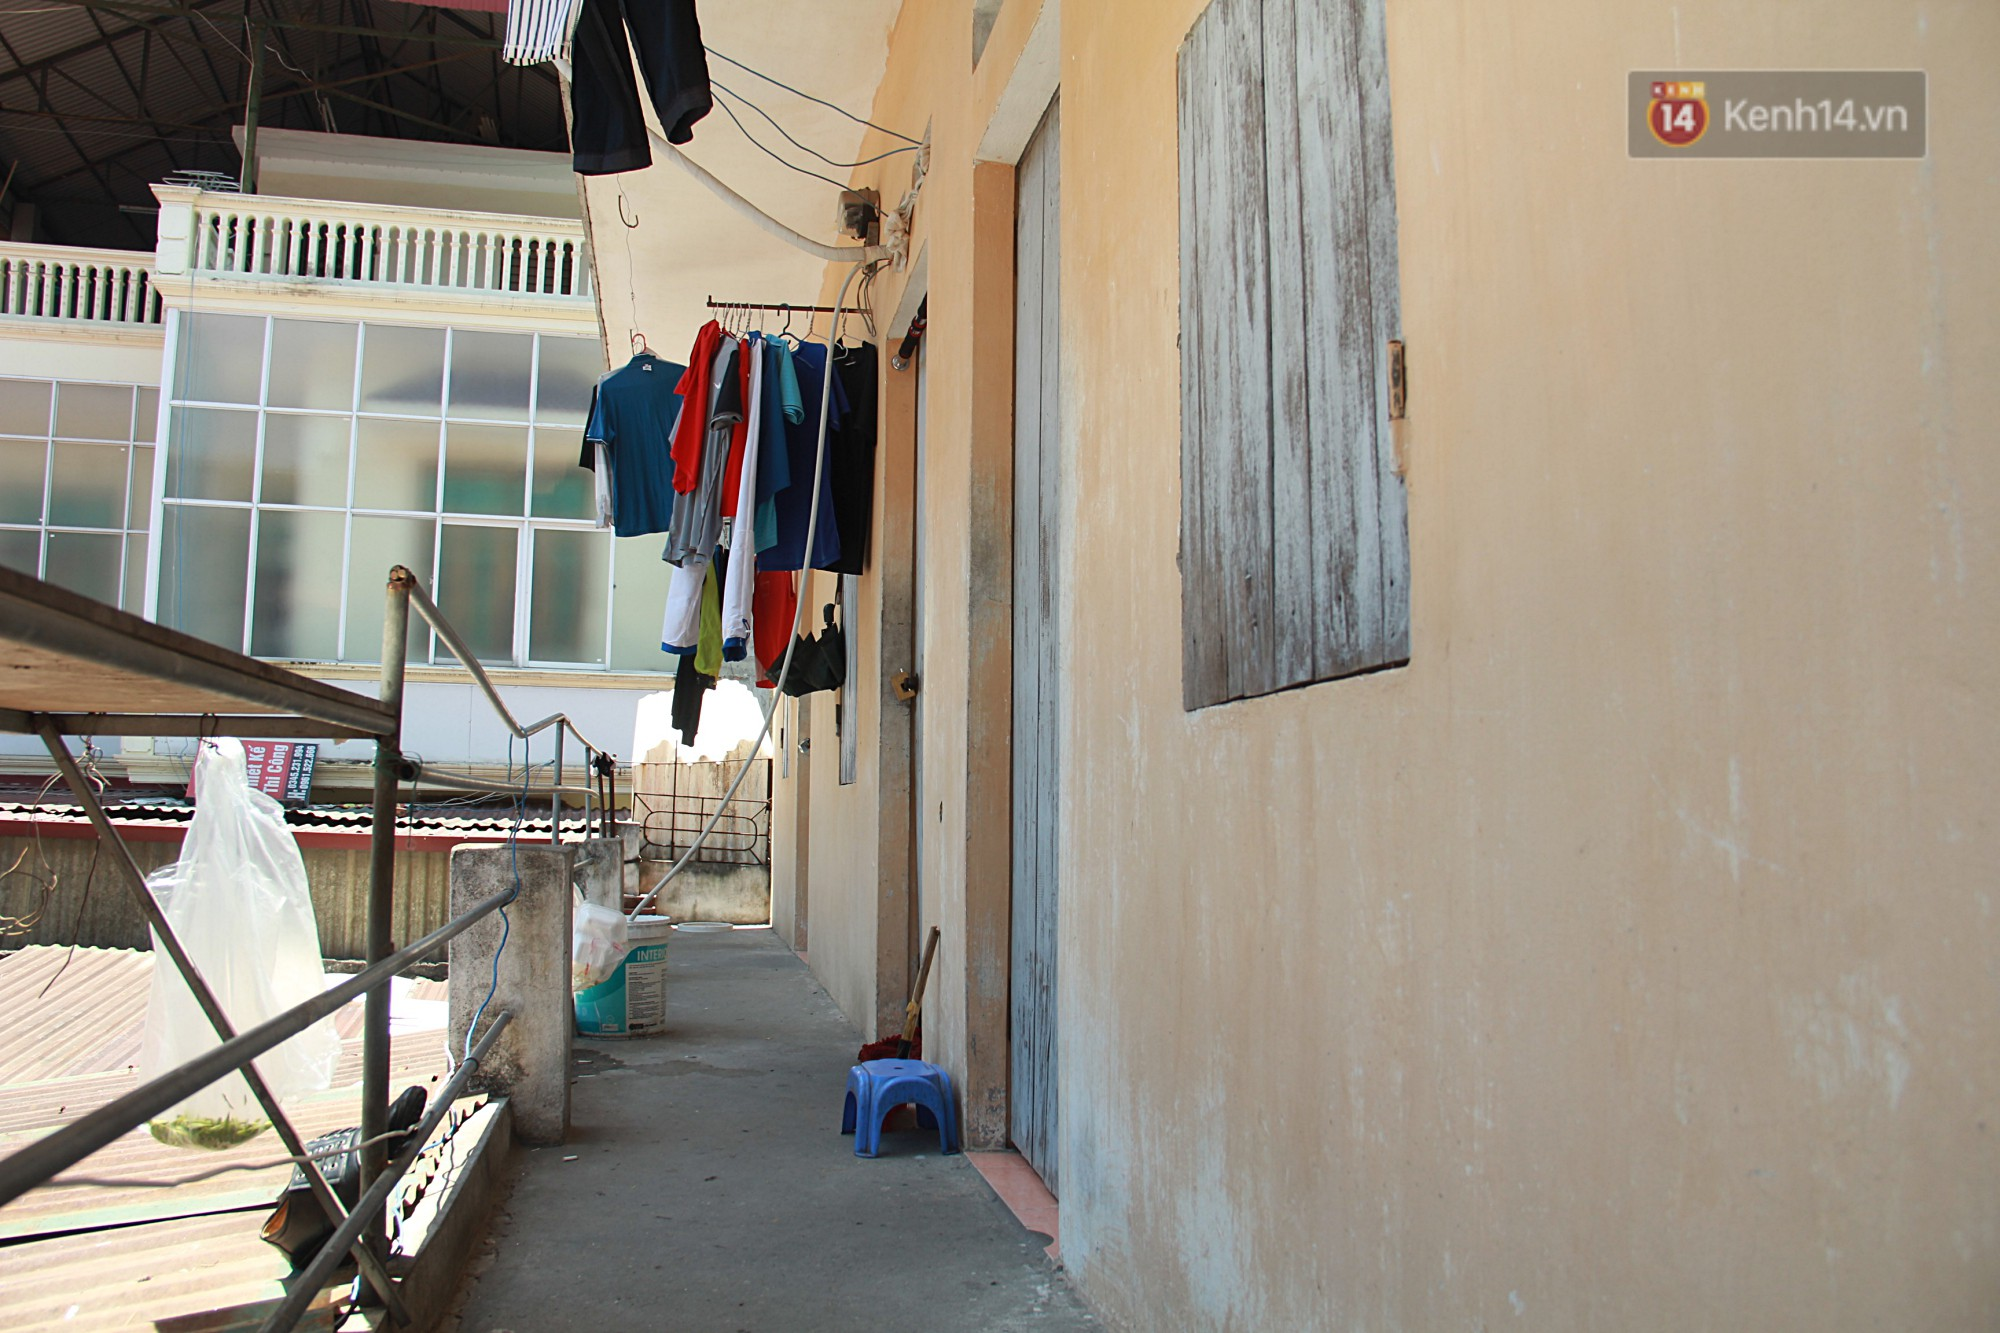 Dân xóm nghèo oằn mình trong những căn phòng trọ lợp mái tôn gần 50 độ C giữa lòng Hà Nội: Cái nóng hầm hập như muốn luộc chín người - Ảnh 7.